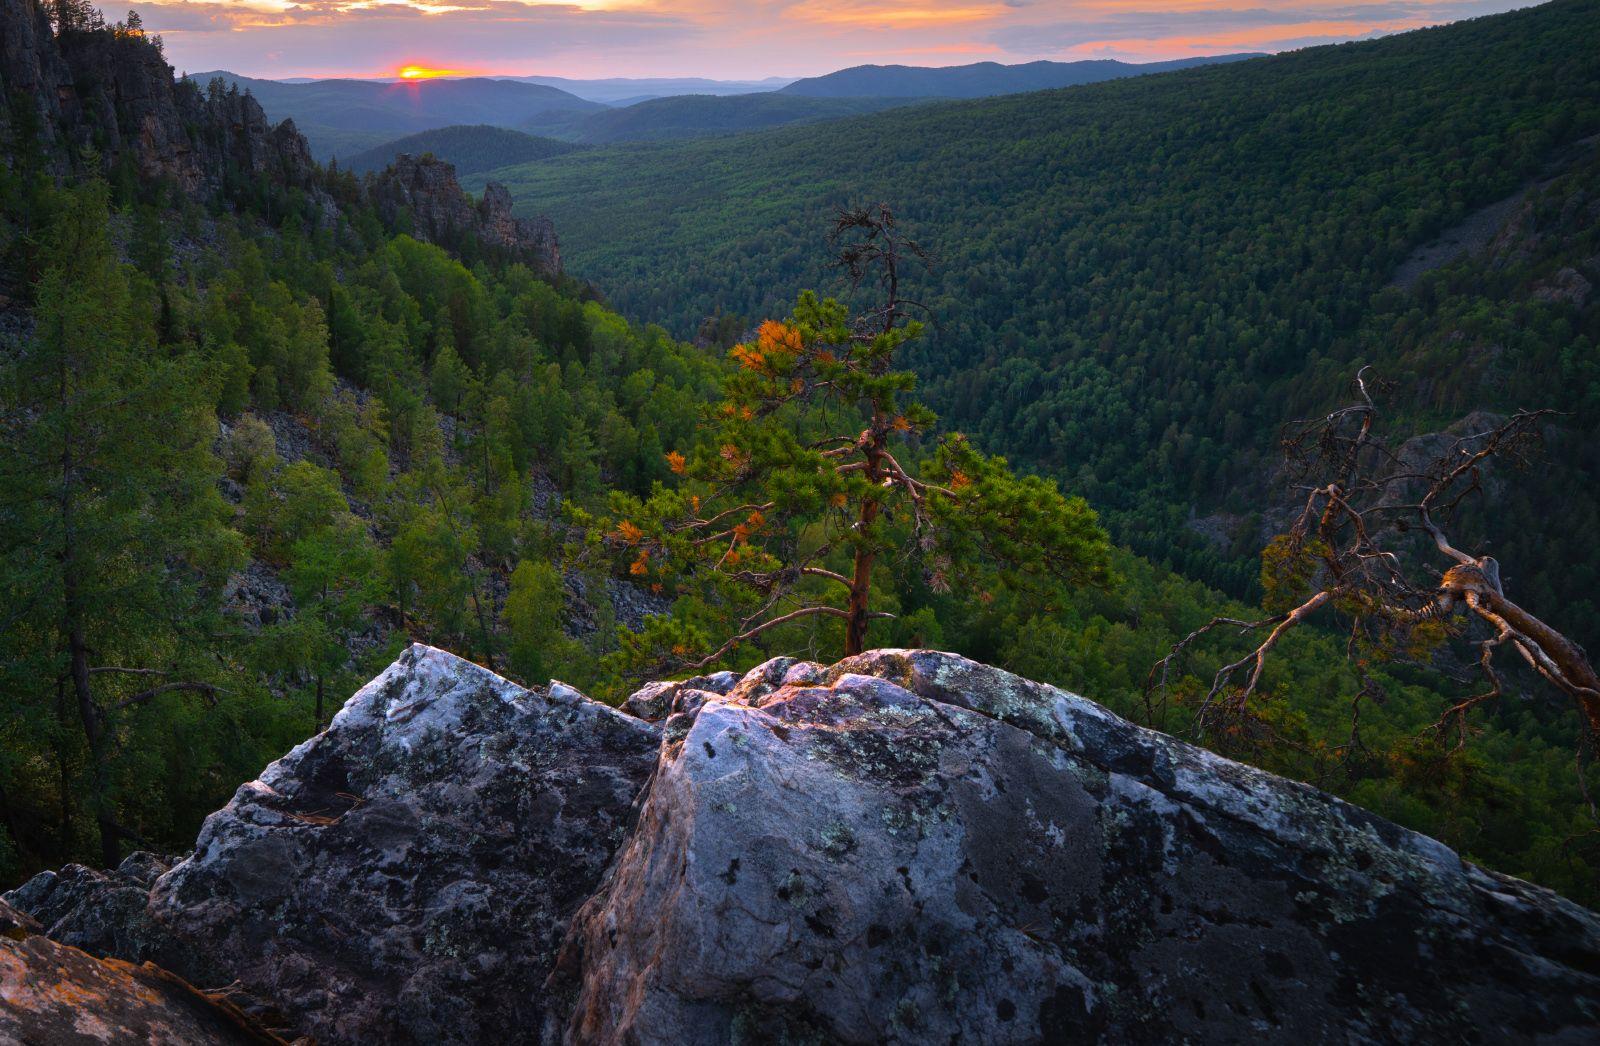 Провожая солнце пейзаж закат горы скалы Айгир Южный Урал деревья